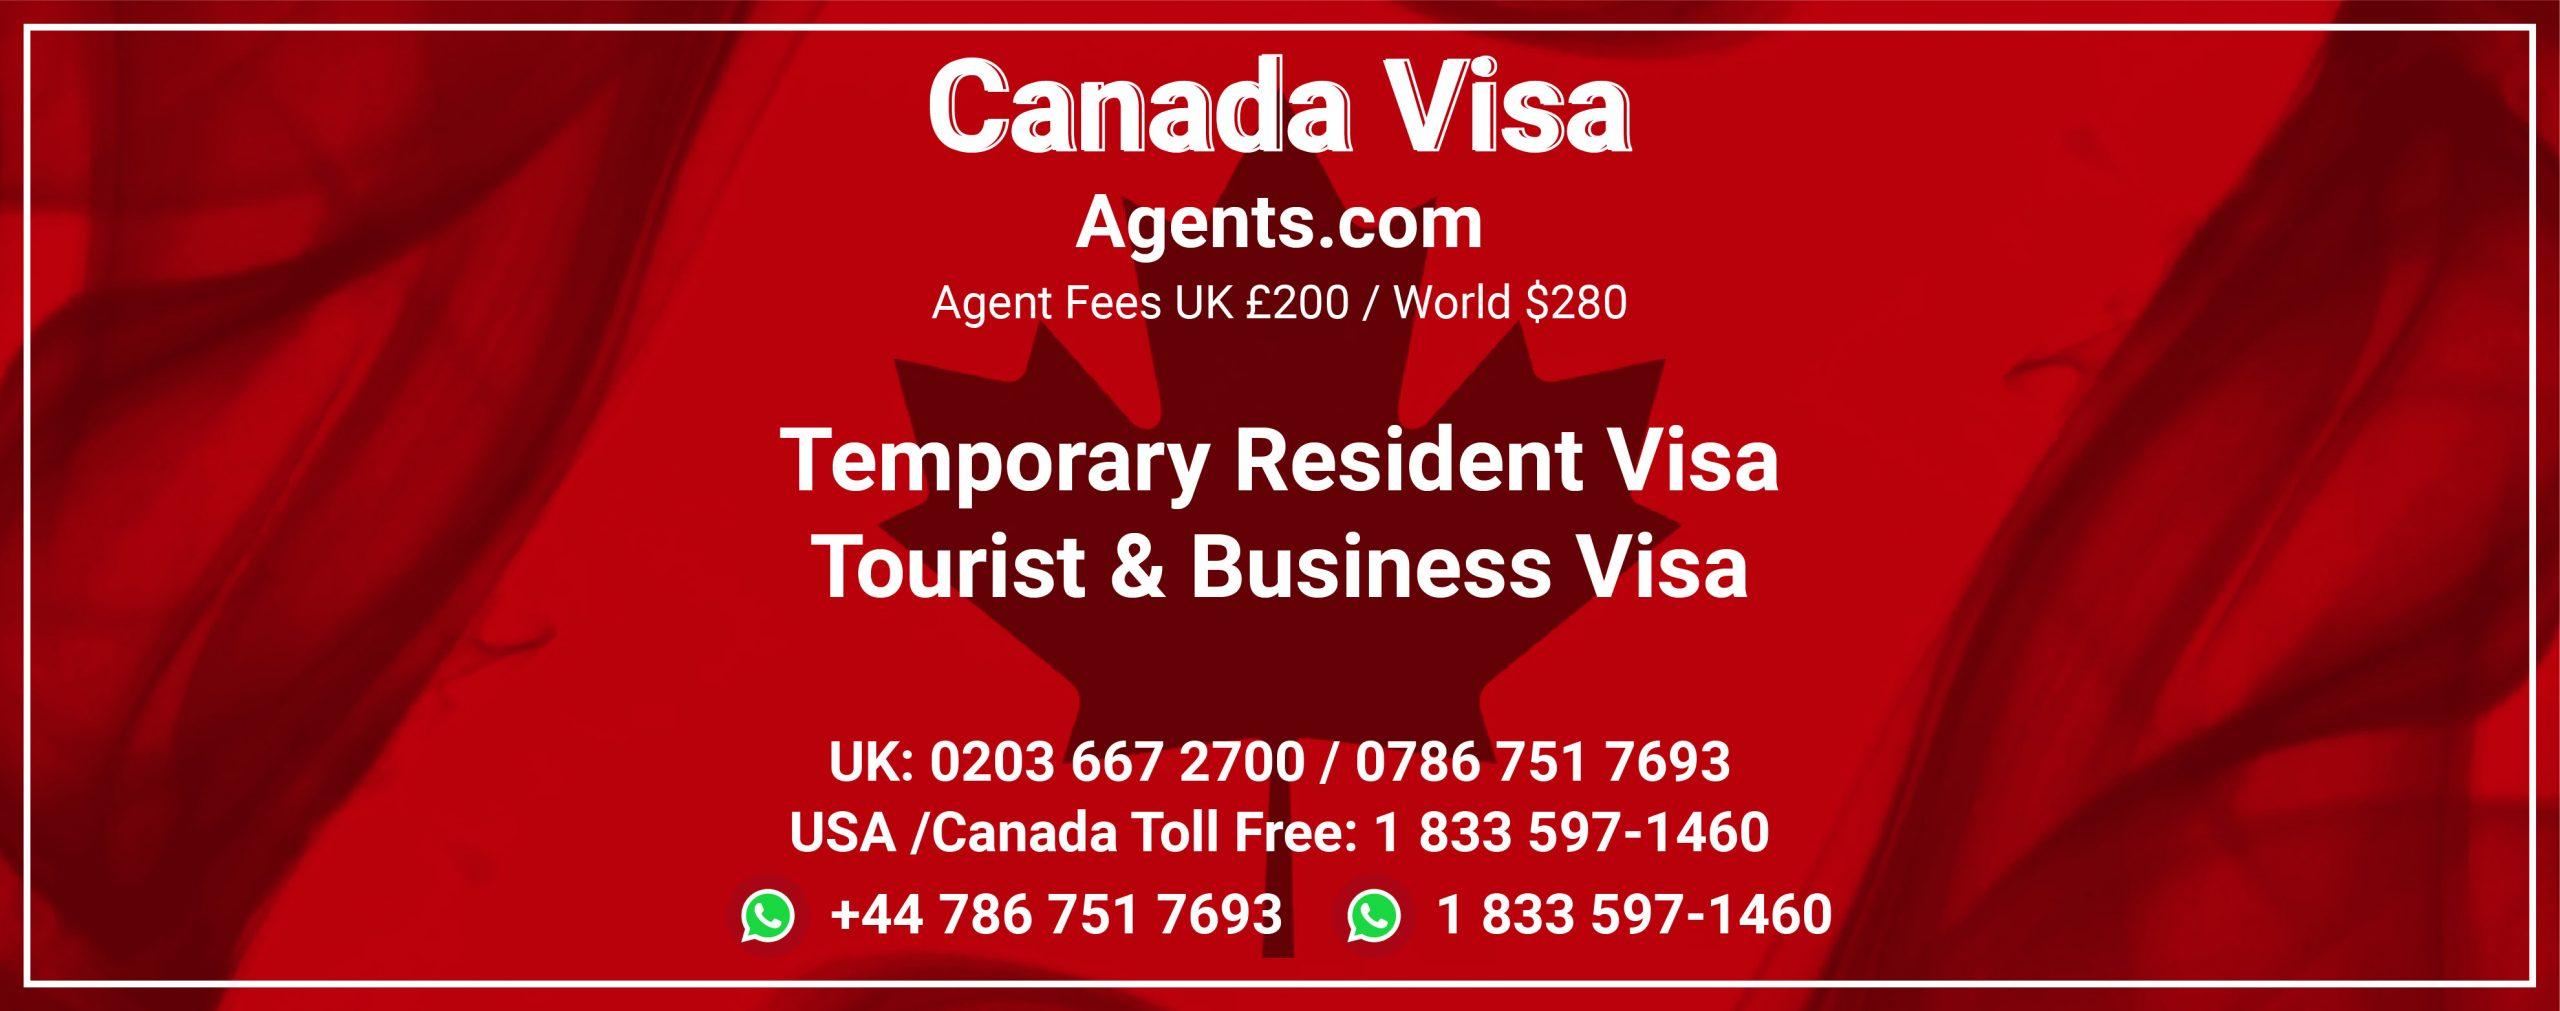 Canada visa agents